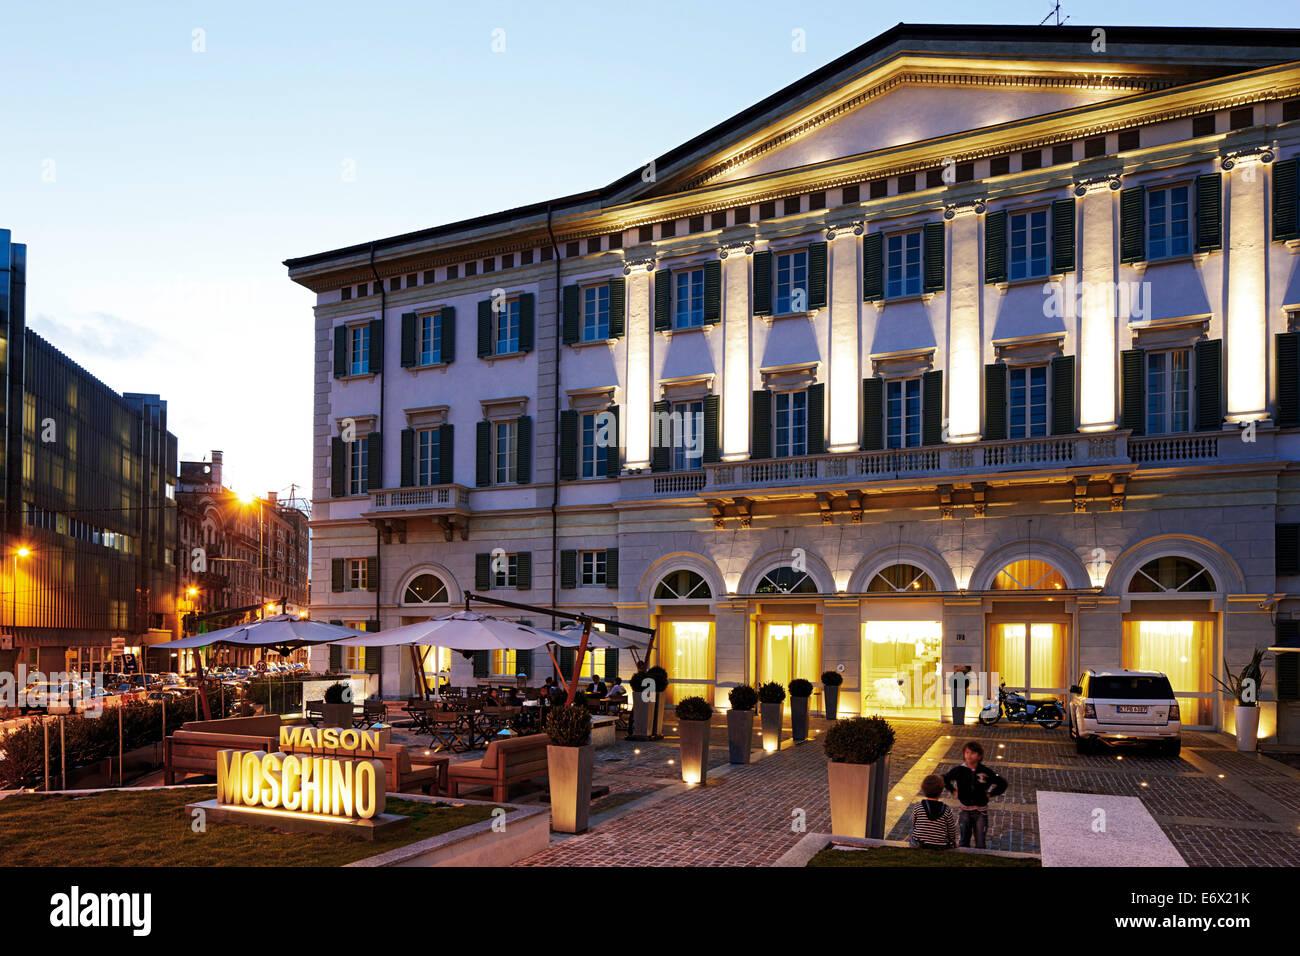 Vista exterior del Hotel Maison Moschino, Via Monte Grappa 12, Milan, Italia. Foto de stock